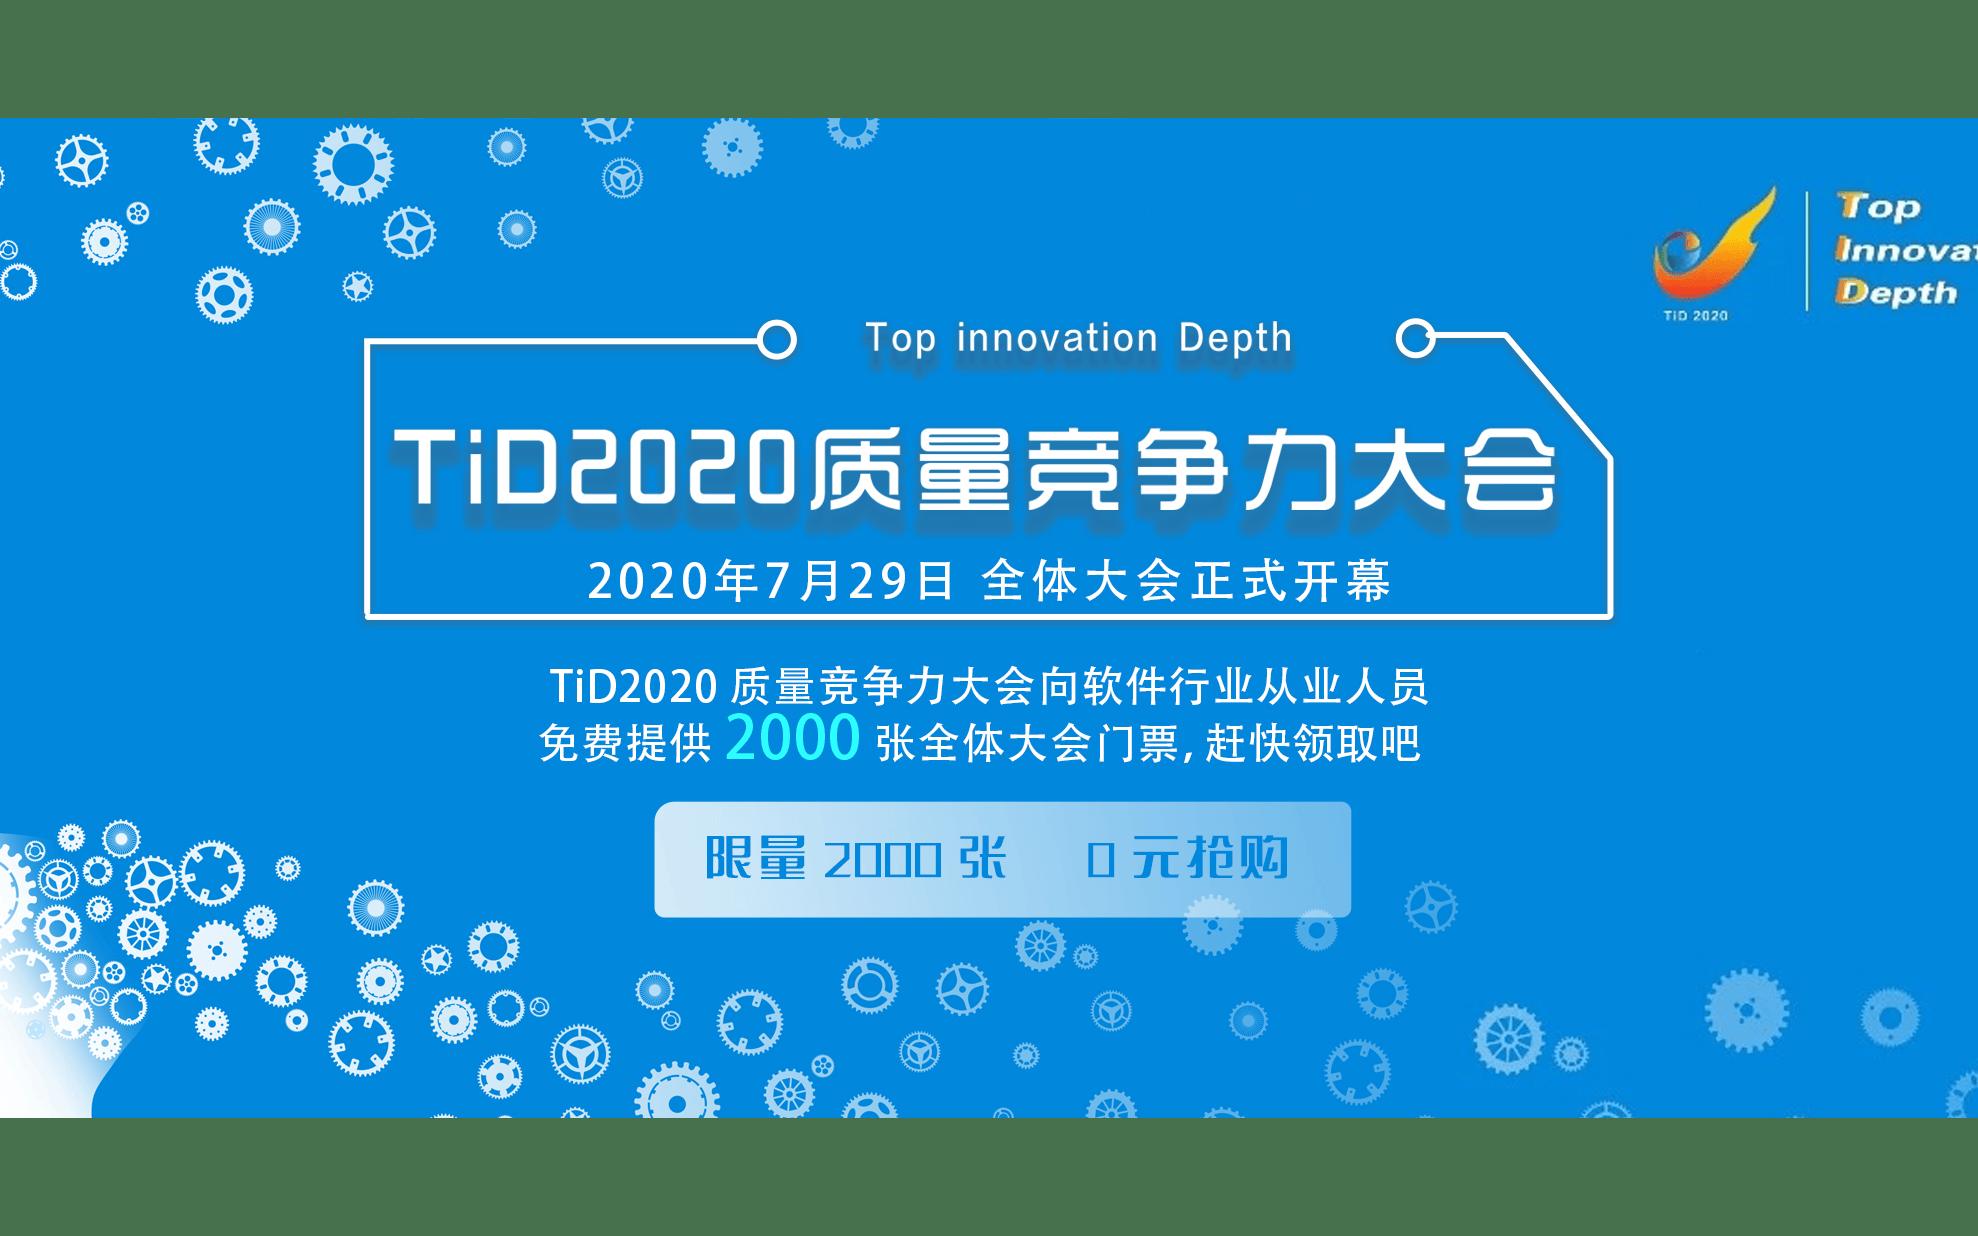 數據智能驅動研發智能·TiD2020質量競爭力大會全體大會